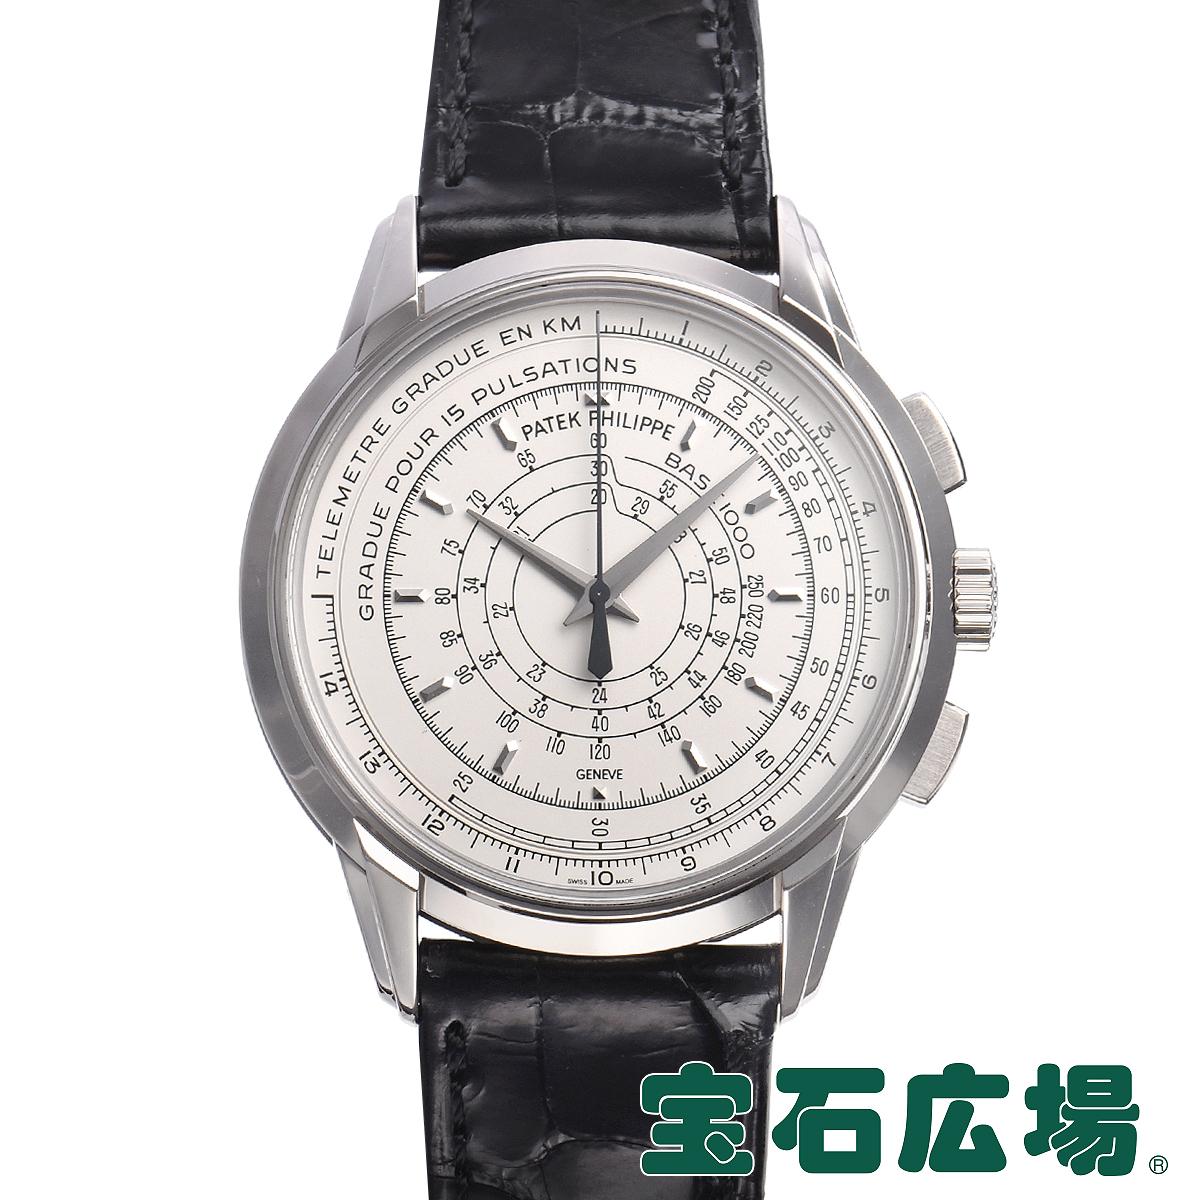 パテックフィリップ PATEK PHILIPPE クロノグラフ 創立175周年記念 5975G-001【中古】メンズ 腕時計 送料無料